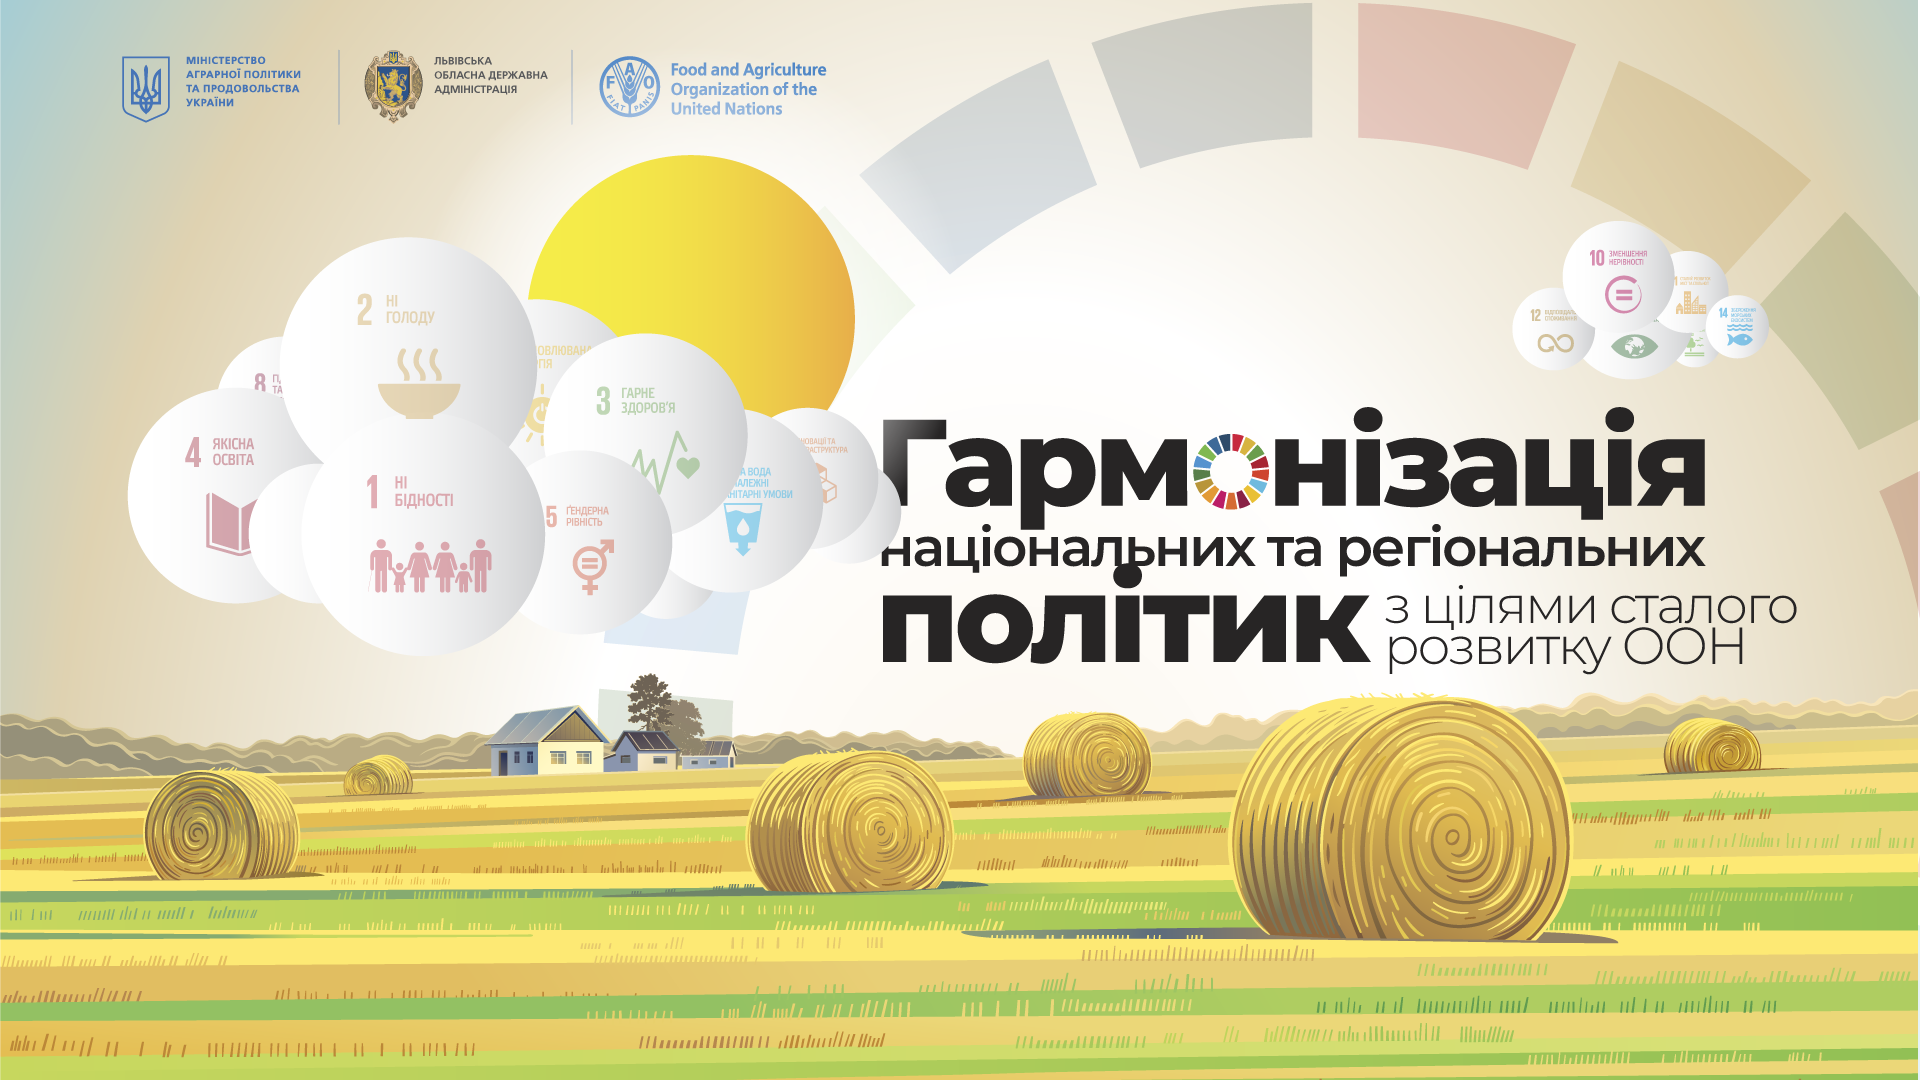 Запрошуємо на круглий стіл: Гармонізація національних та регіональних політик з Цілями сталого розвитку ООН